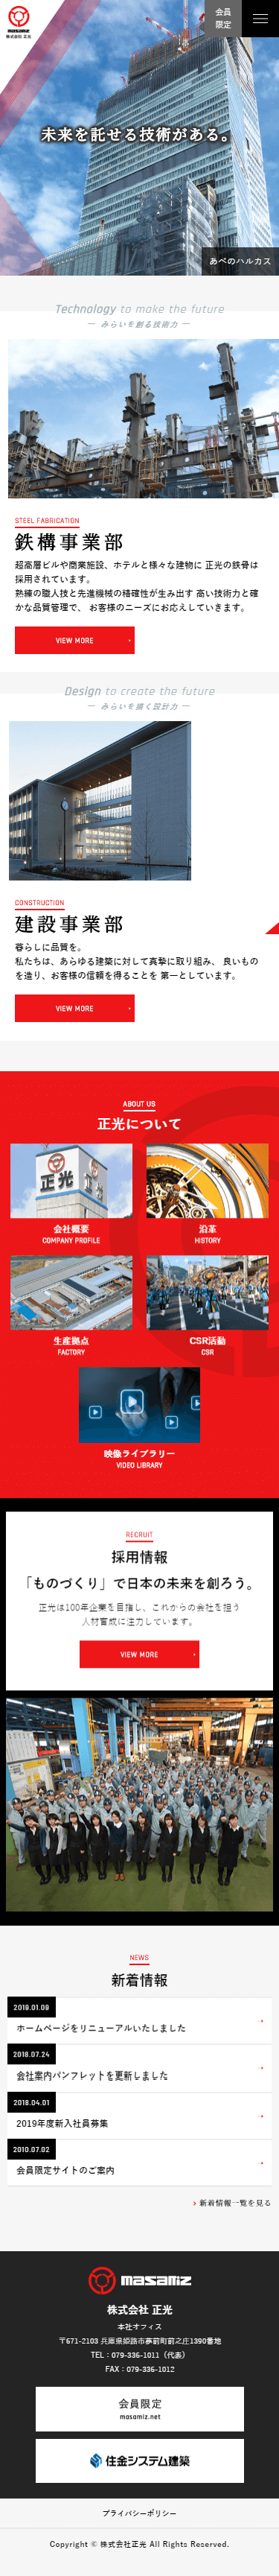 姫路市 株式会社正光 ホームページ制作3